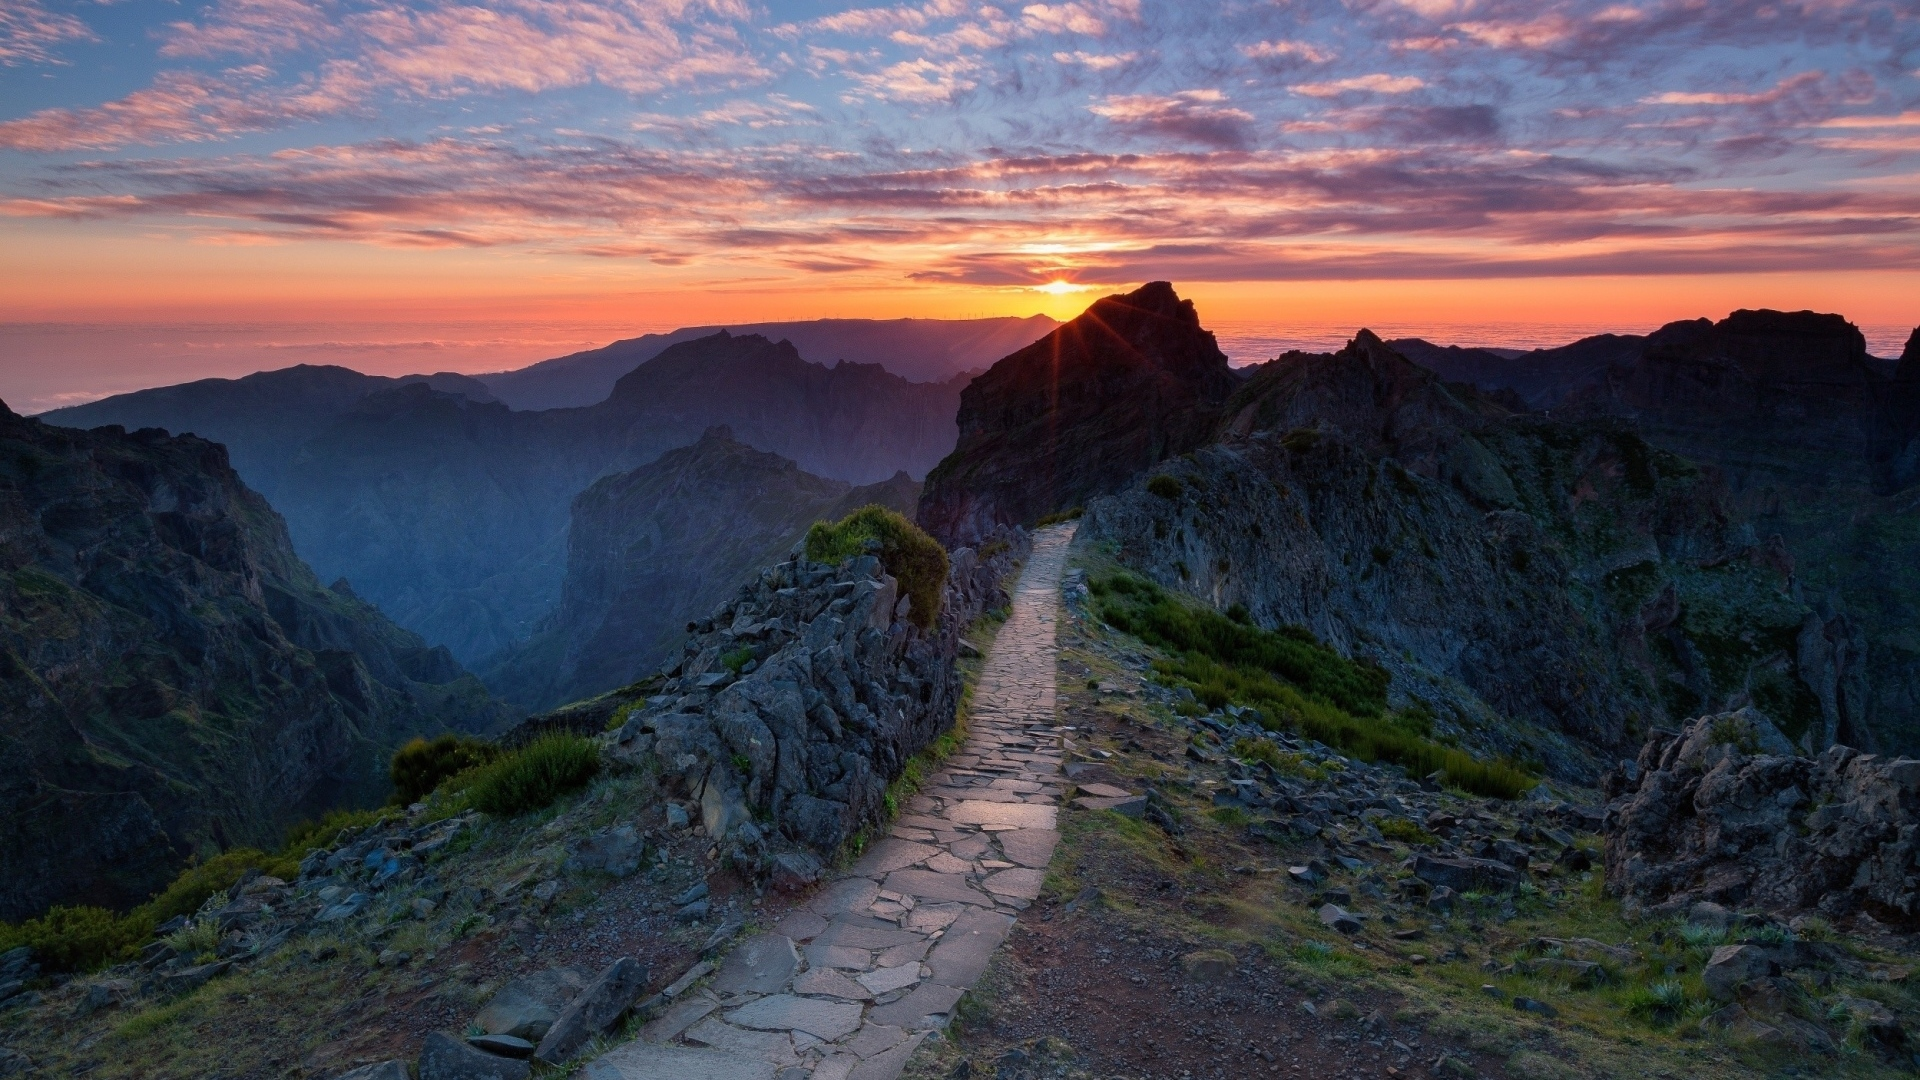 Солнце, рассвет, горы, холмы, дорога загрузить